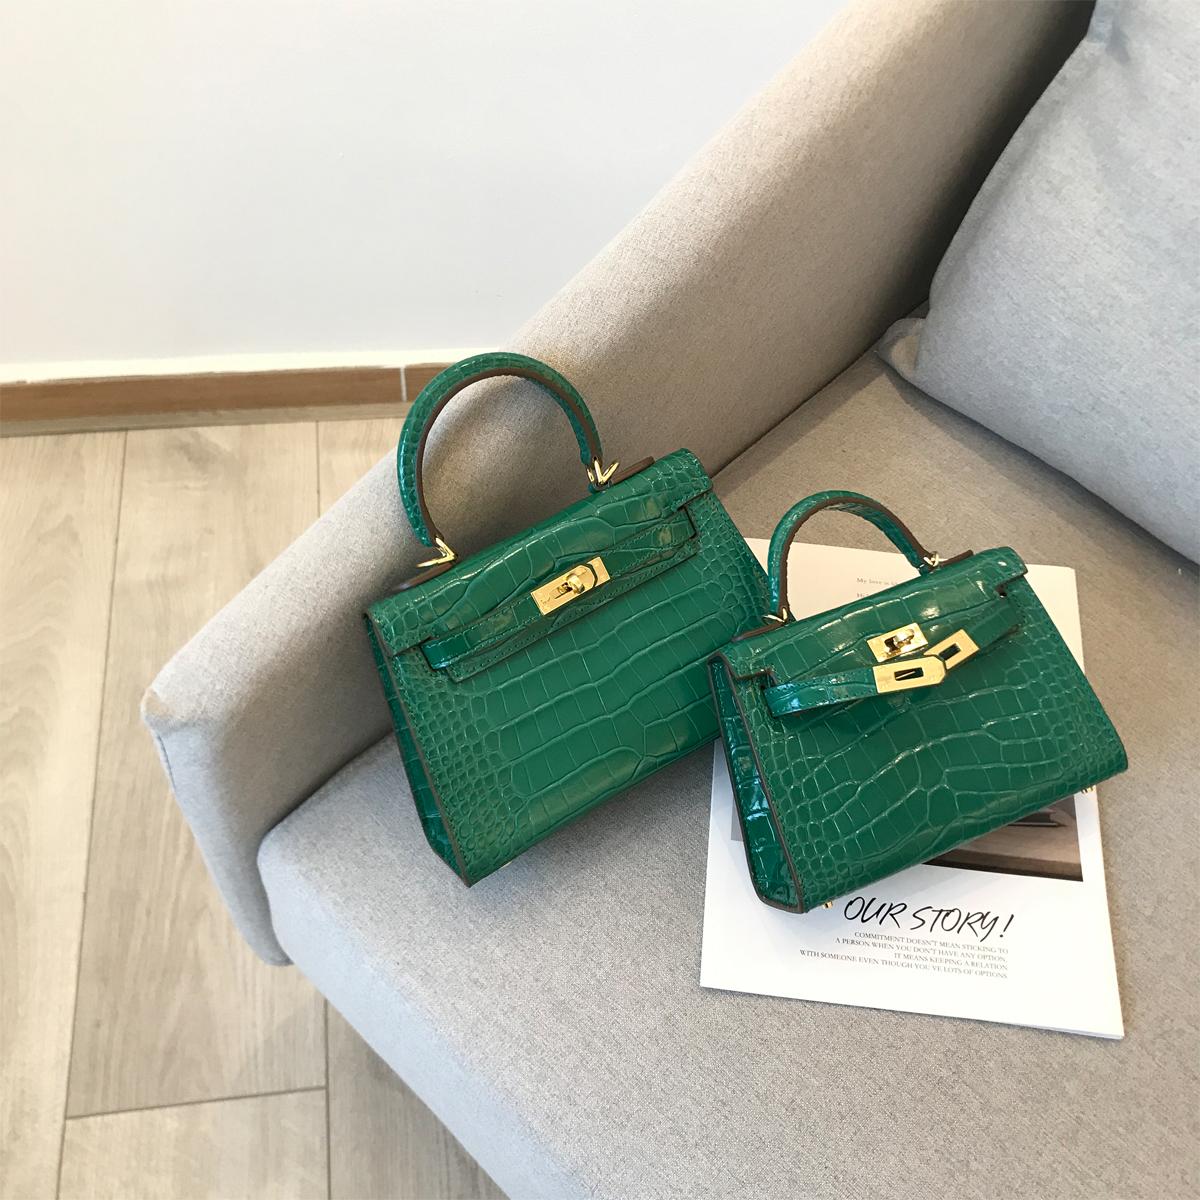 绿色迷你包 YIXXI定制 绿色鳄鱼纹牛皮凯莉包 二代迷你时尚女包2020春夏新款_推荐淘宝好看的绿色迷你包